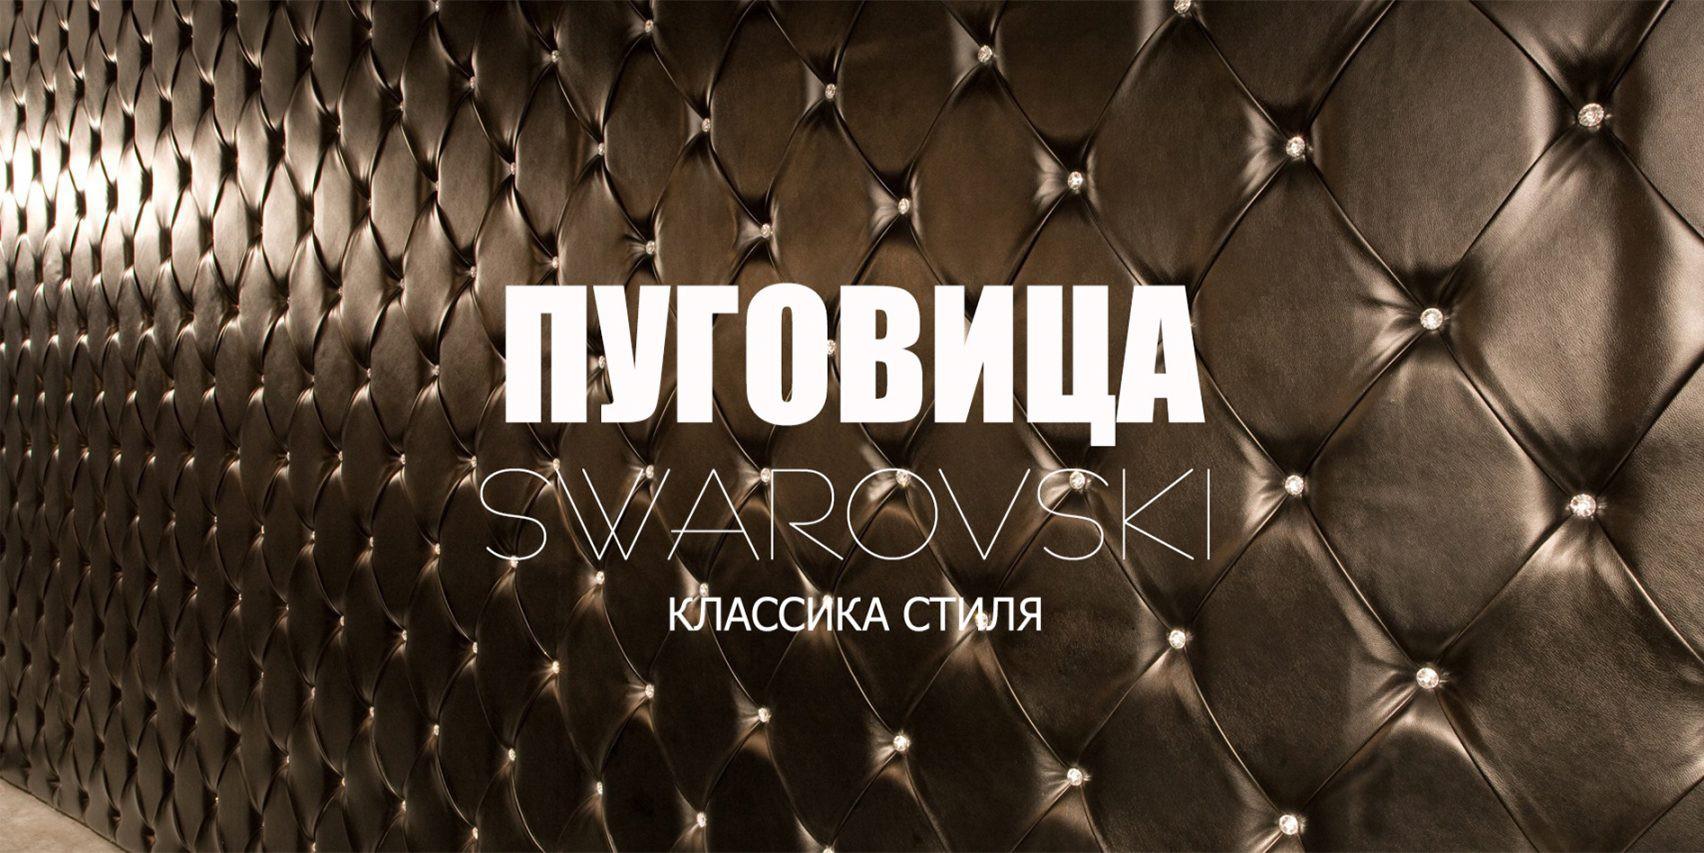 Пуговица Сваровски, мебельные муговицы